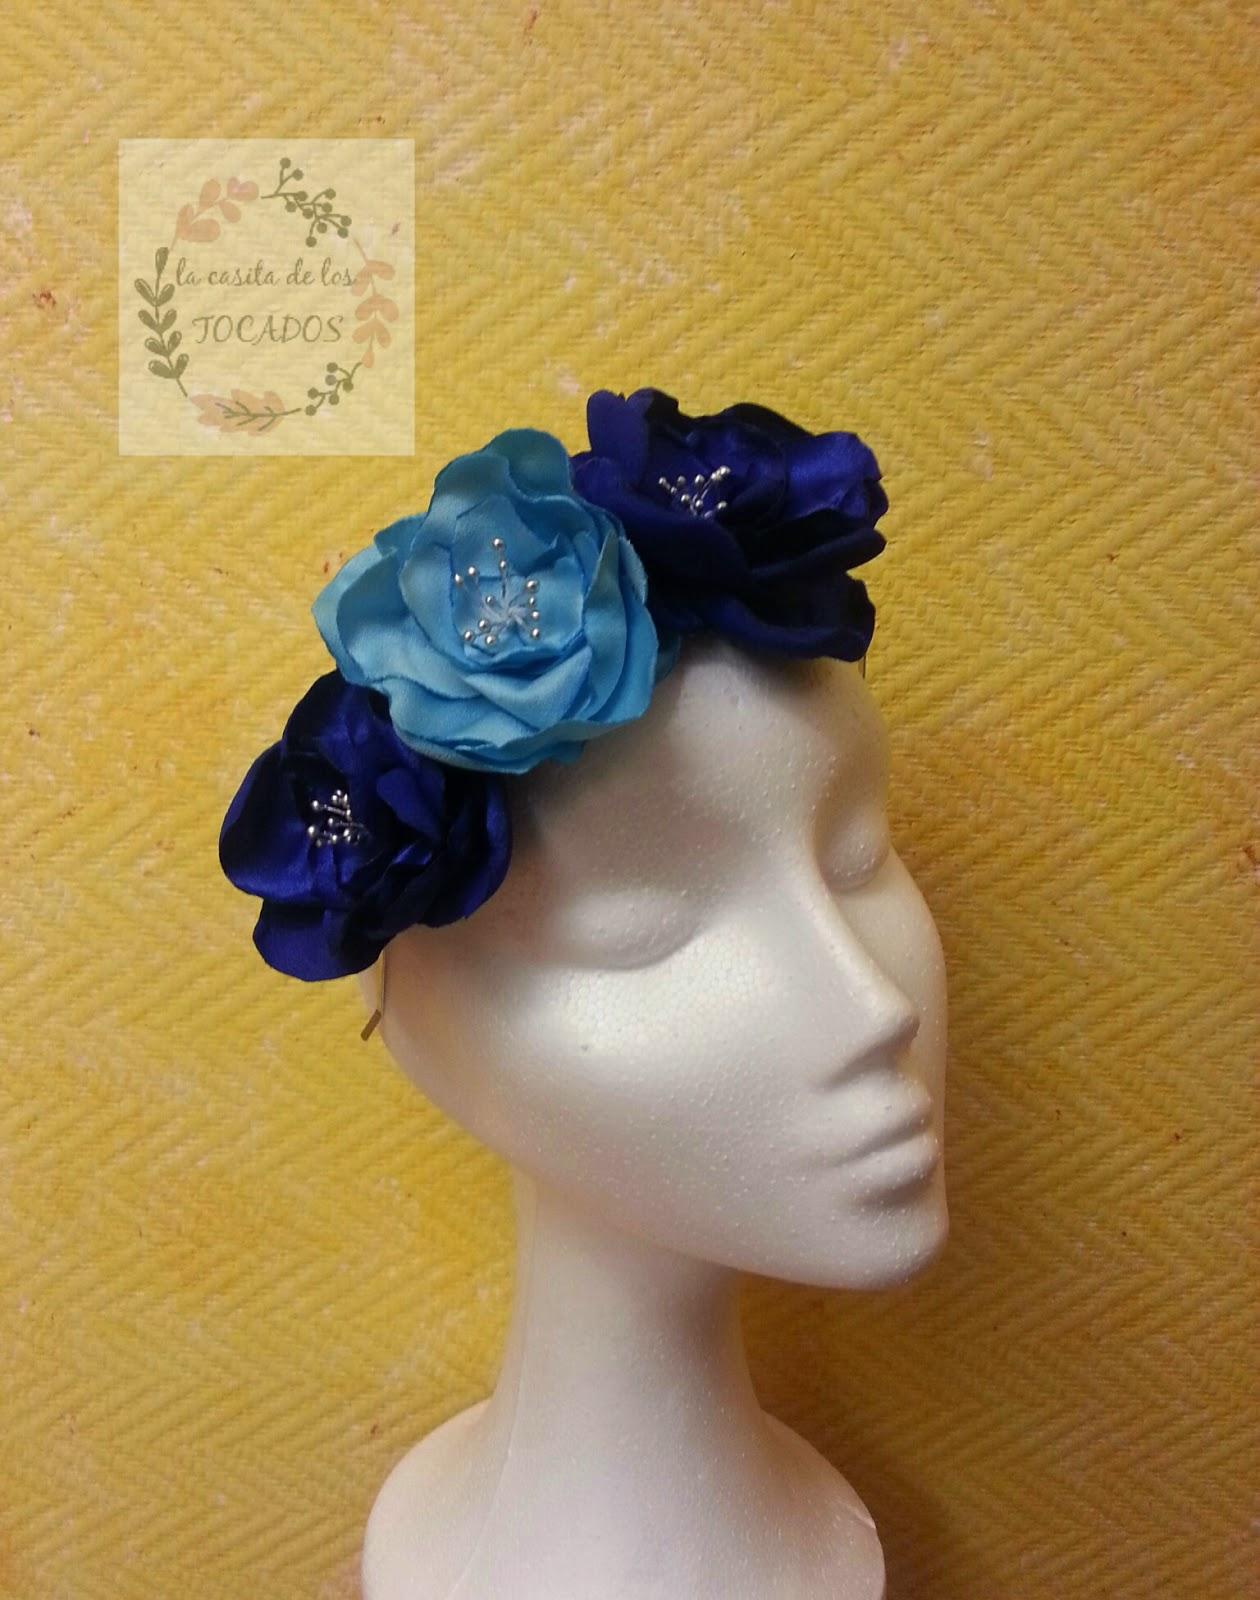 diadema de flores artesanales de tejido de raso en colores azulón y turquesa